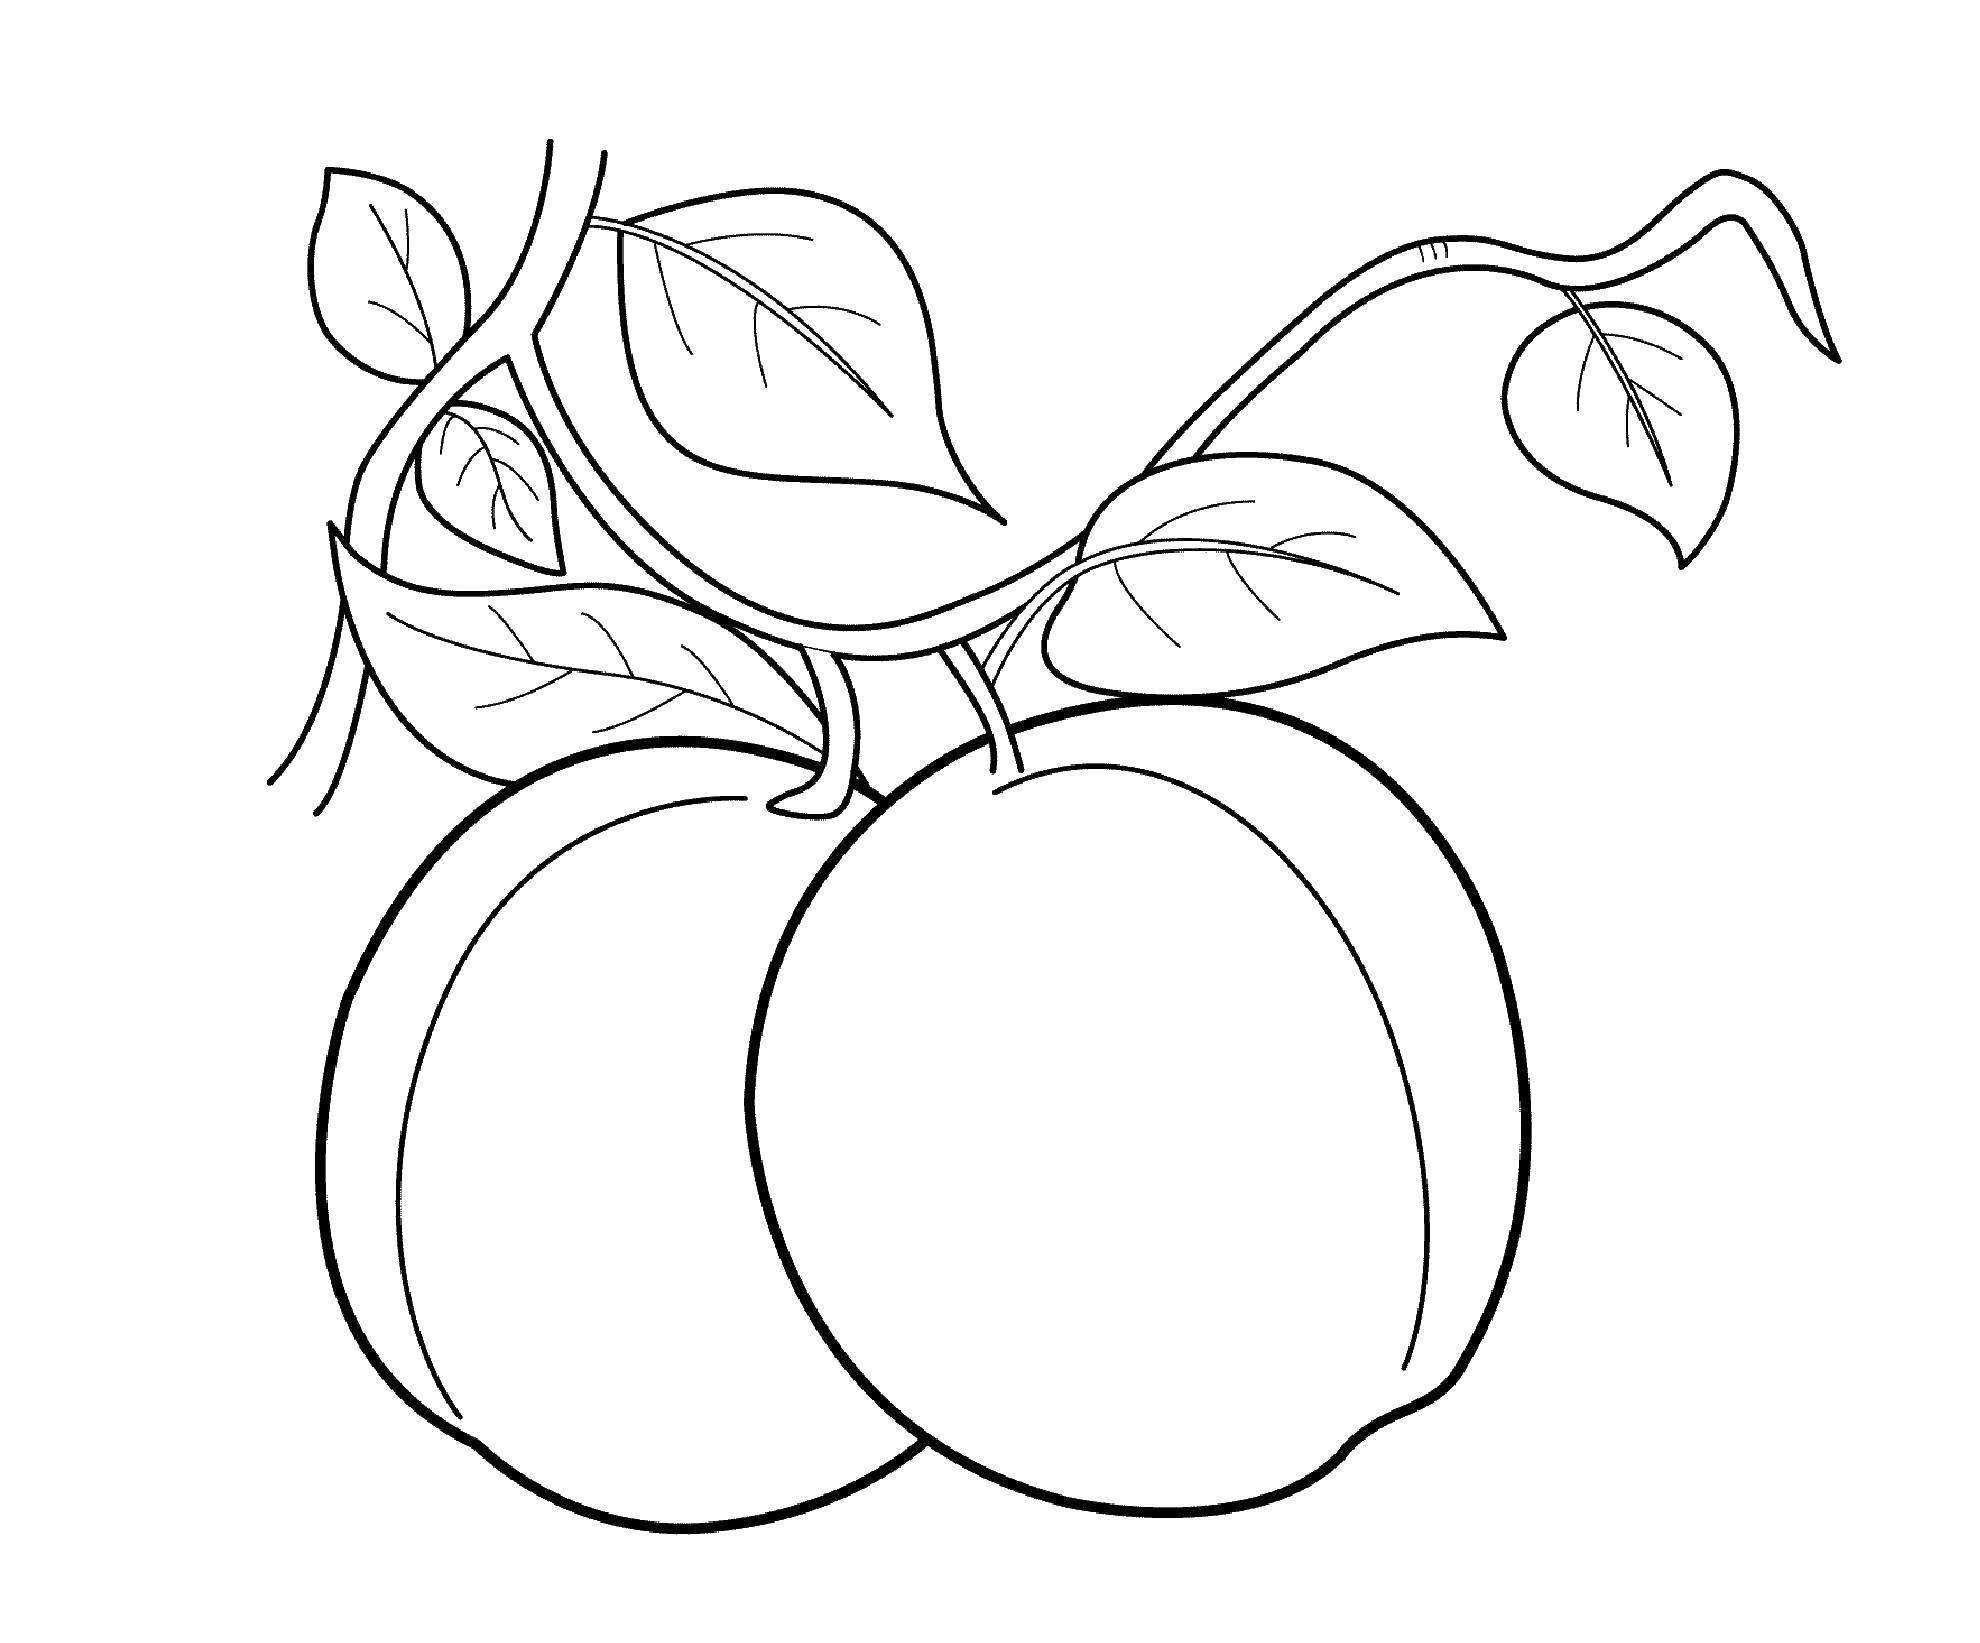 Раскраска фрукты Скачать Персонаж из мультфильма, Бен Тен.  Распечатать ,Персонаж из мультфильма,